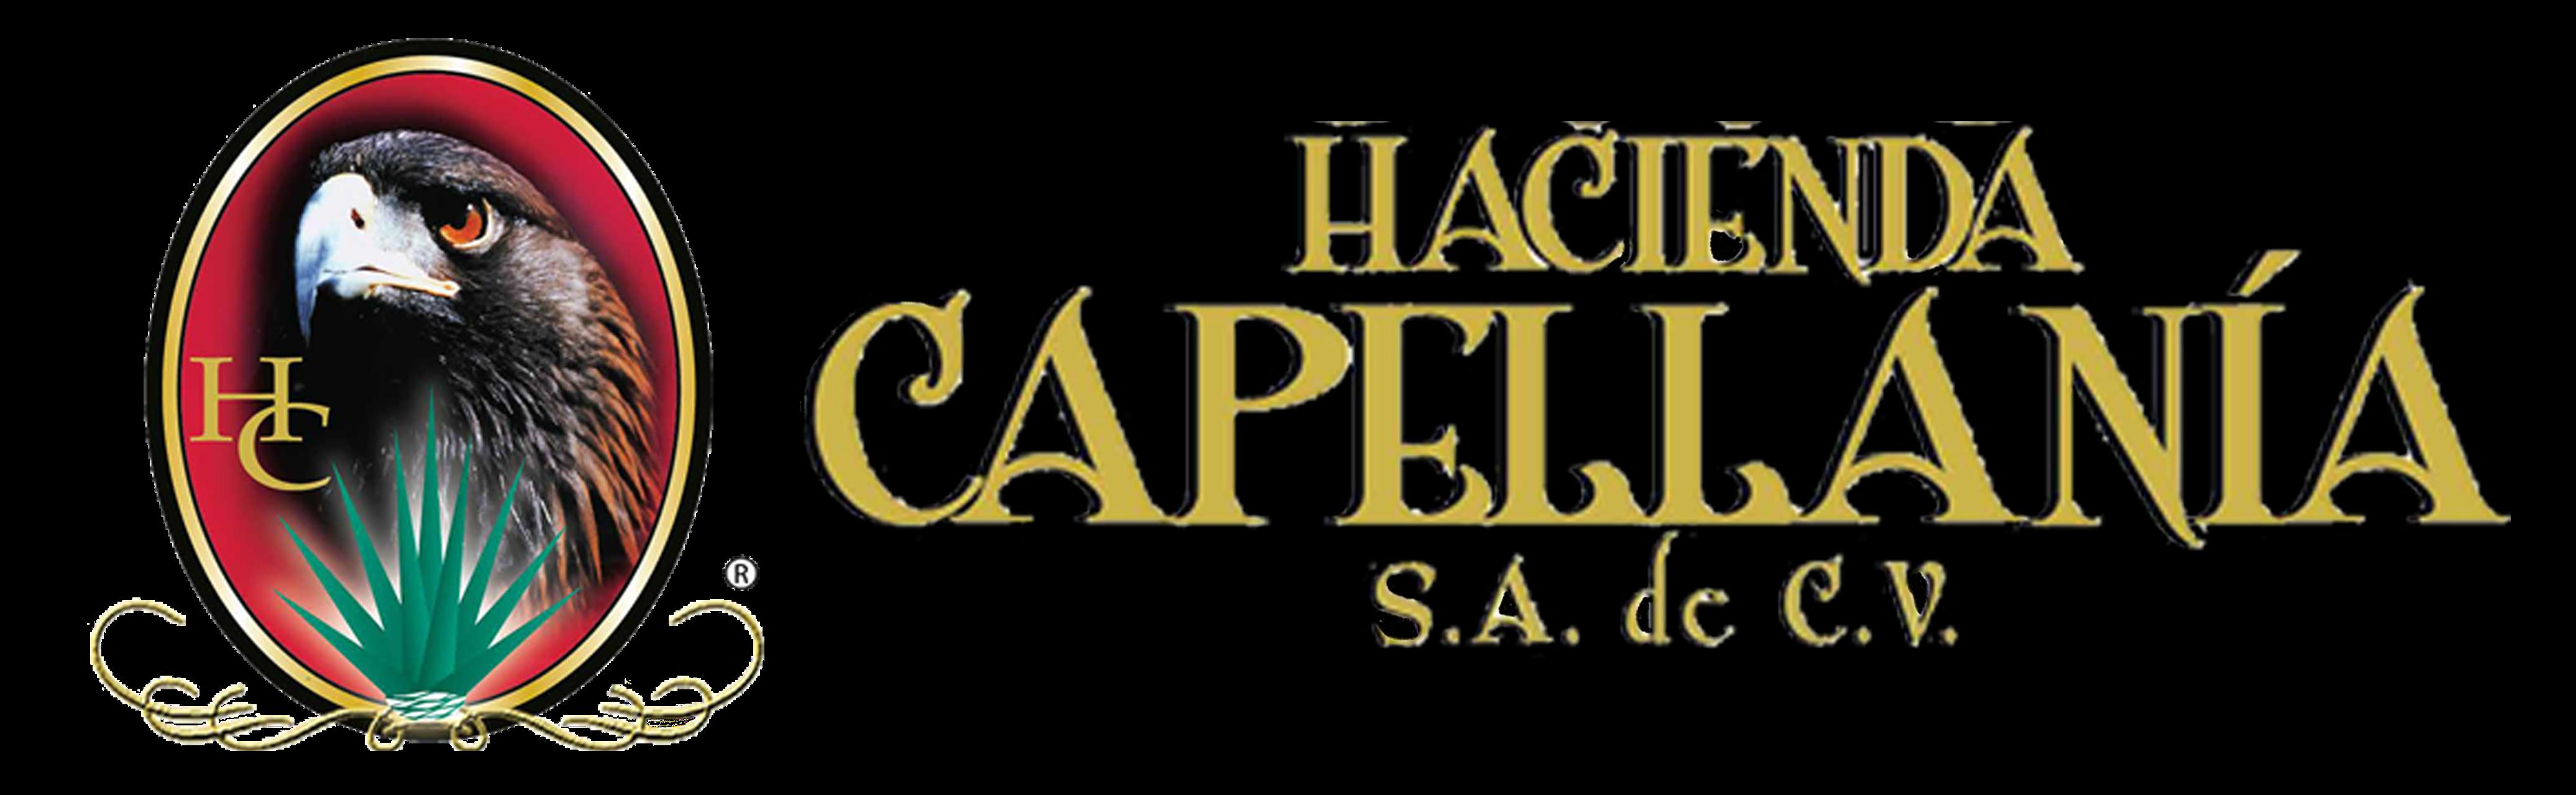 Hacienda Capellanía